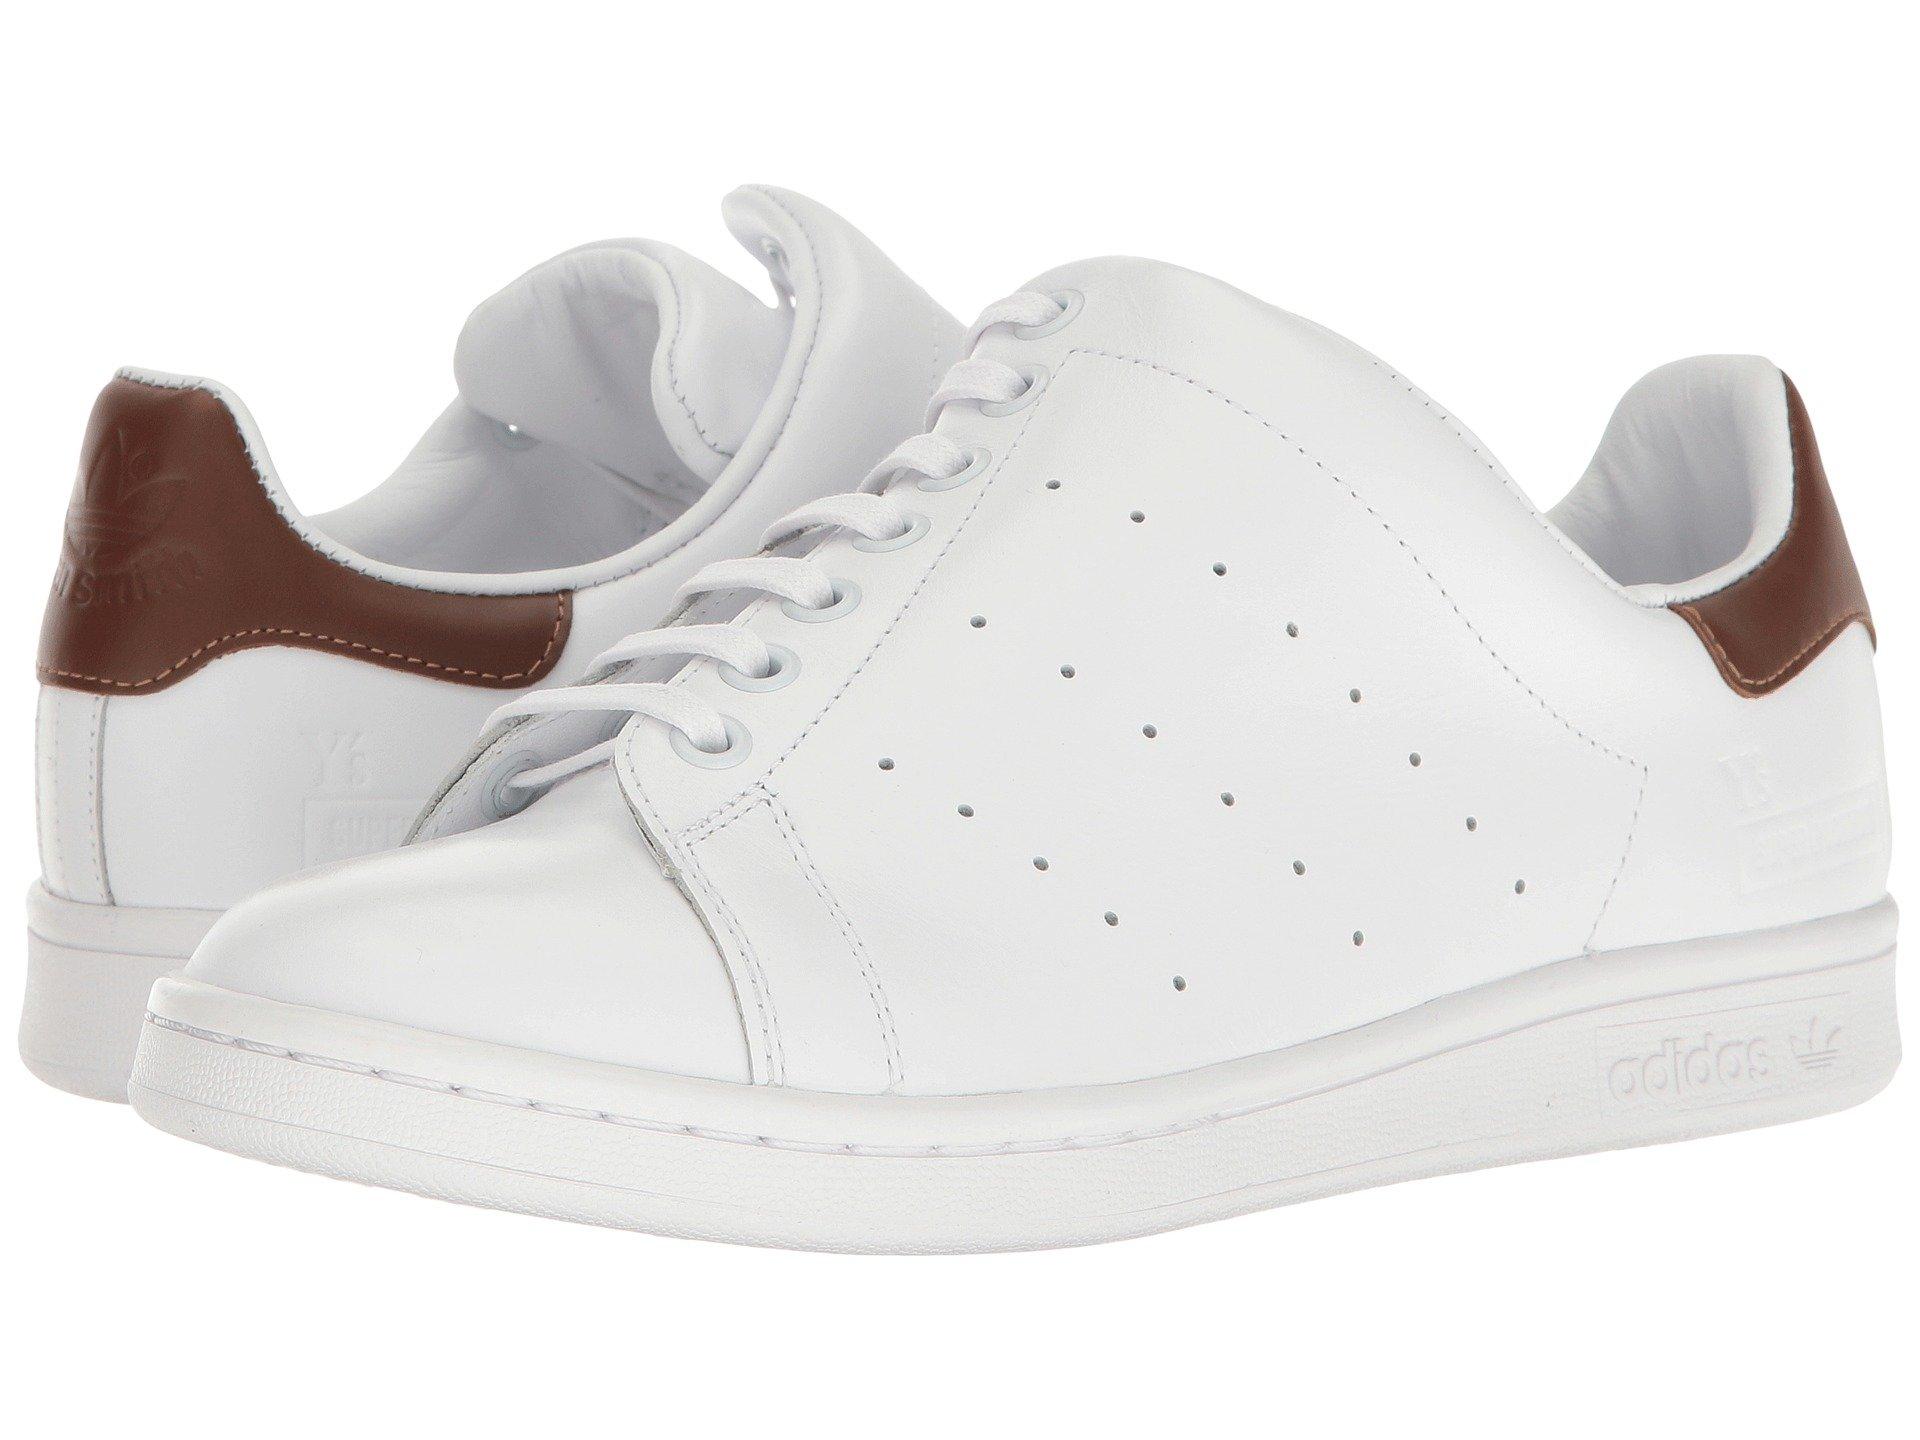 Tenis para Mujer Yand#39;s by Yohji Yamamoto Yand#39;s x Adidas Diagonal Shoe Lace  +